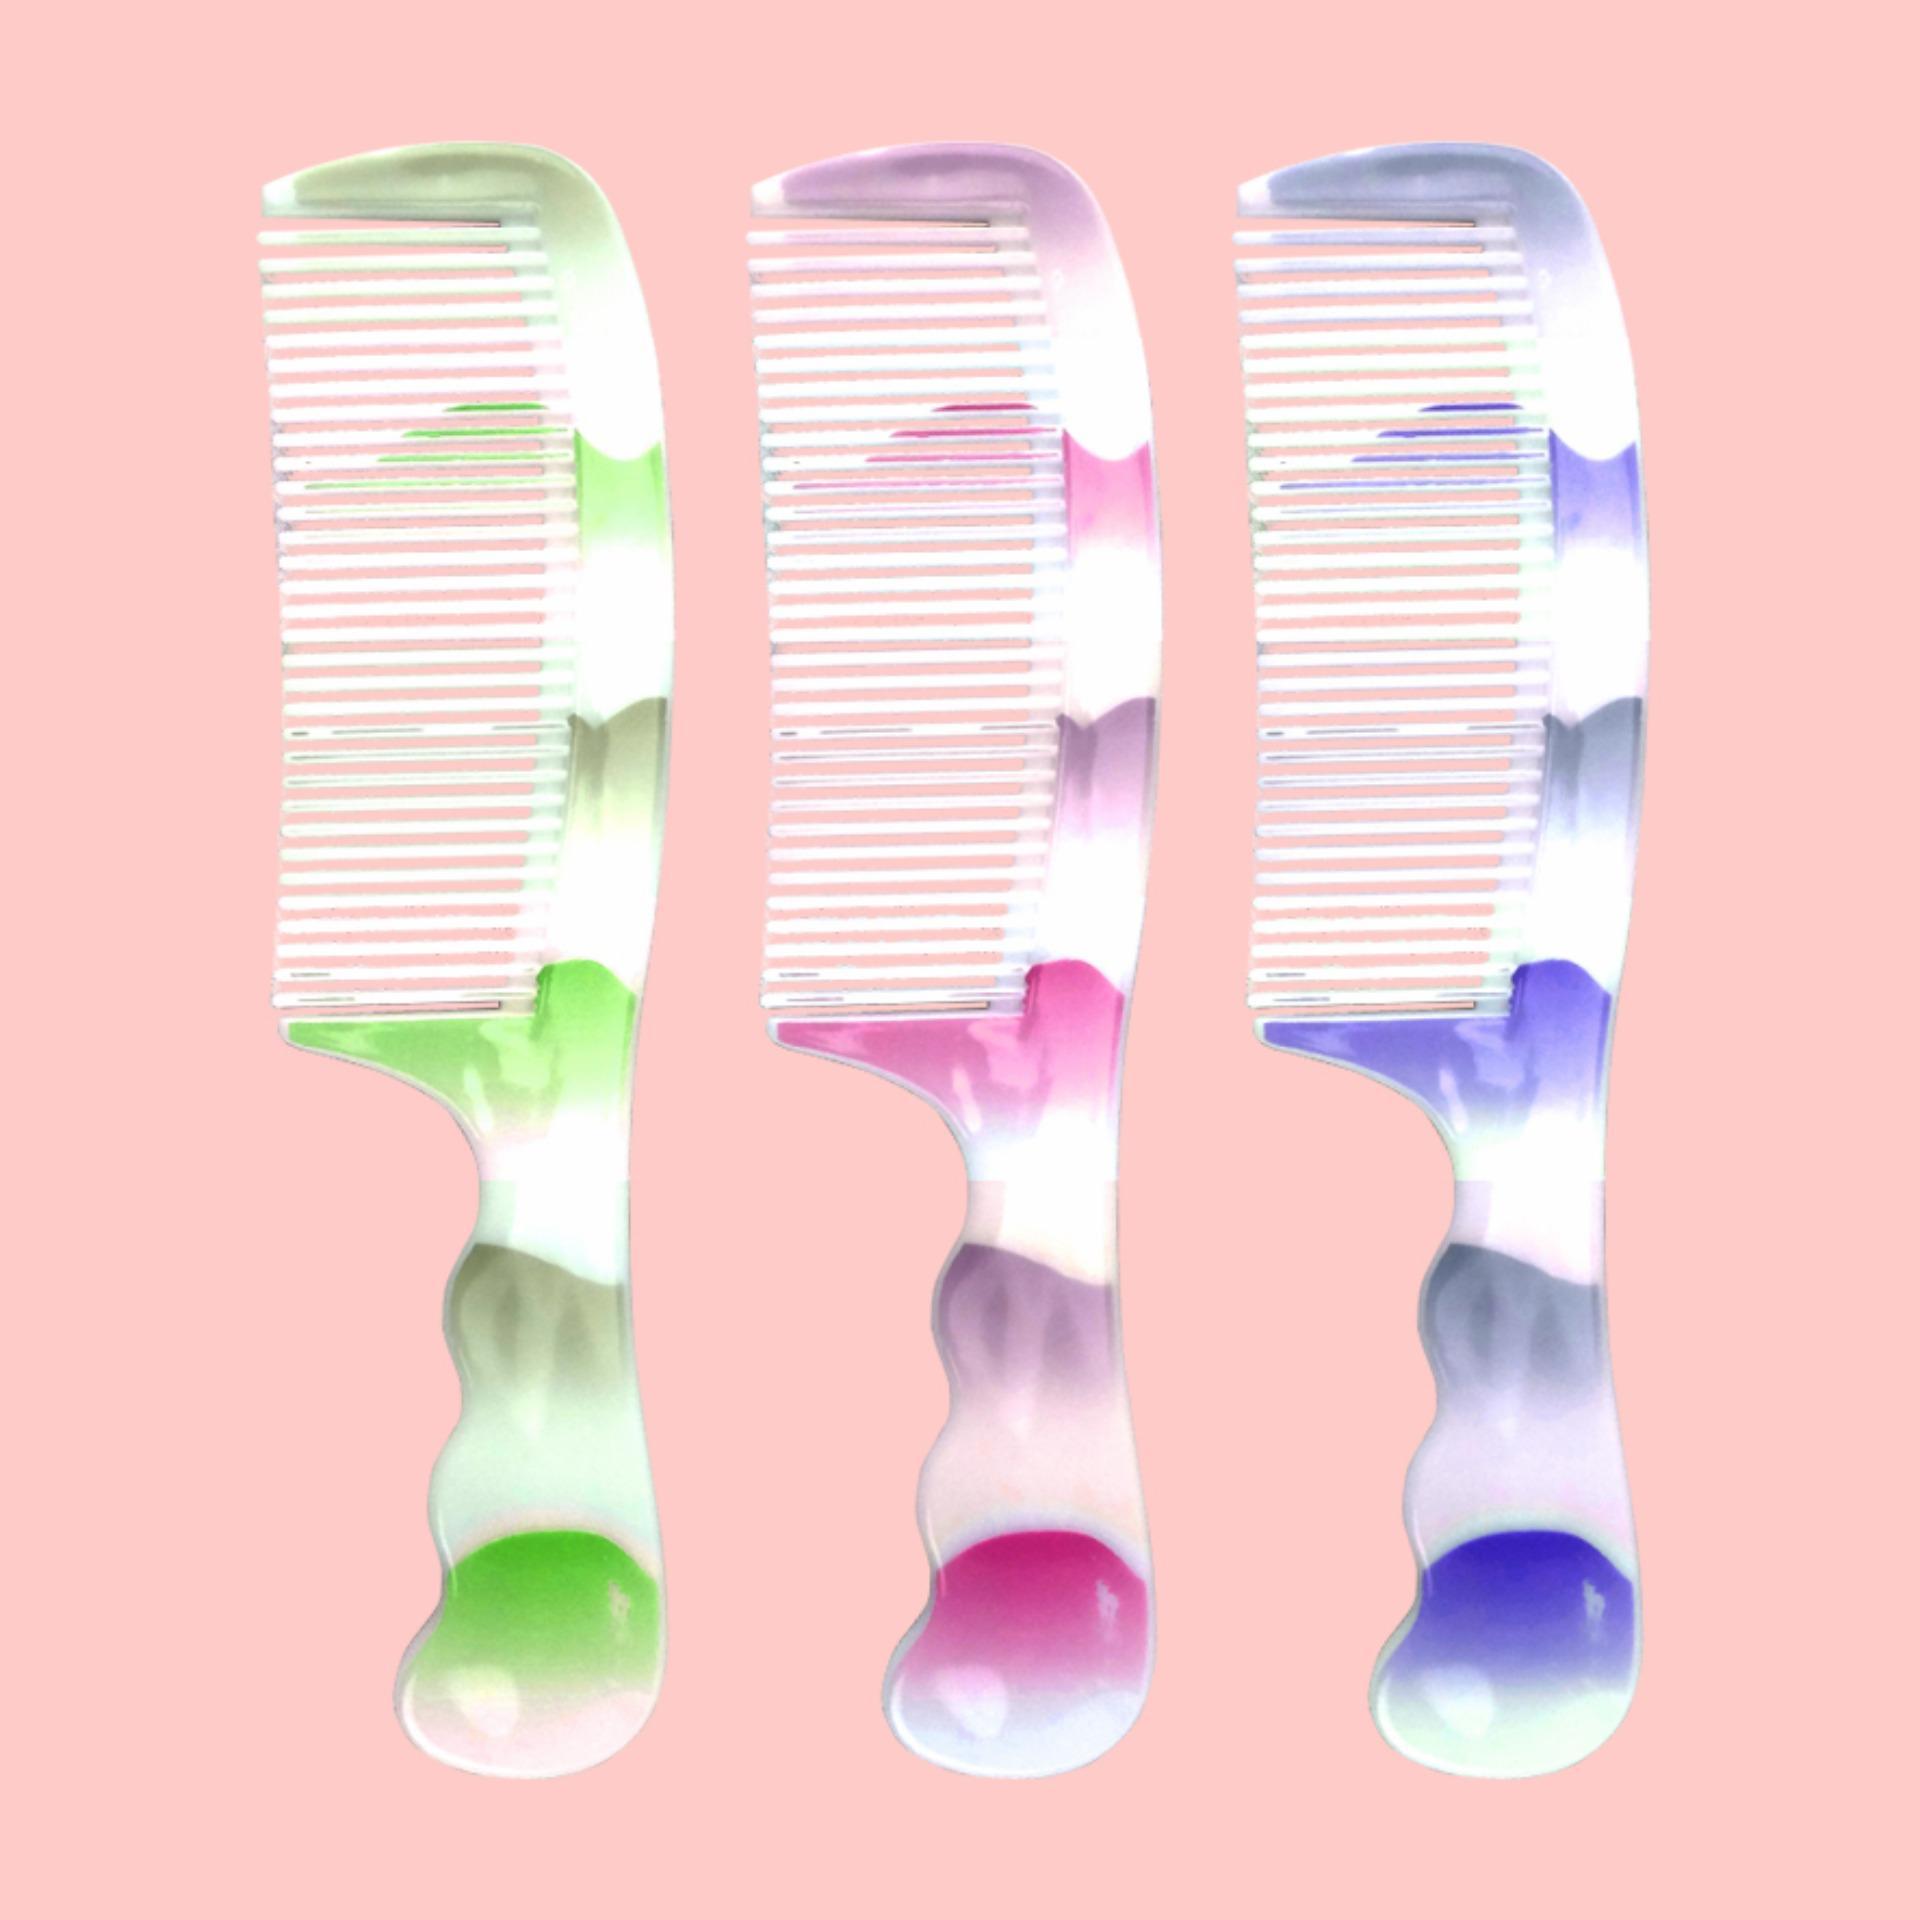 Rudy Hadisuwarno Hair Loss Defense Paket Shampo Conditioner 200ml Hairlossdefense Tonik Ginseng 225ml Gratis Sisir Flat Comb Seri